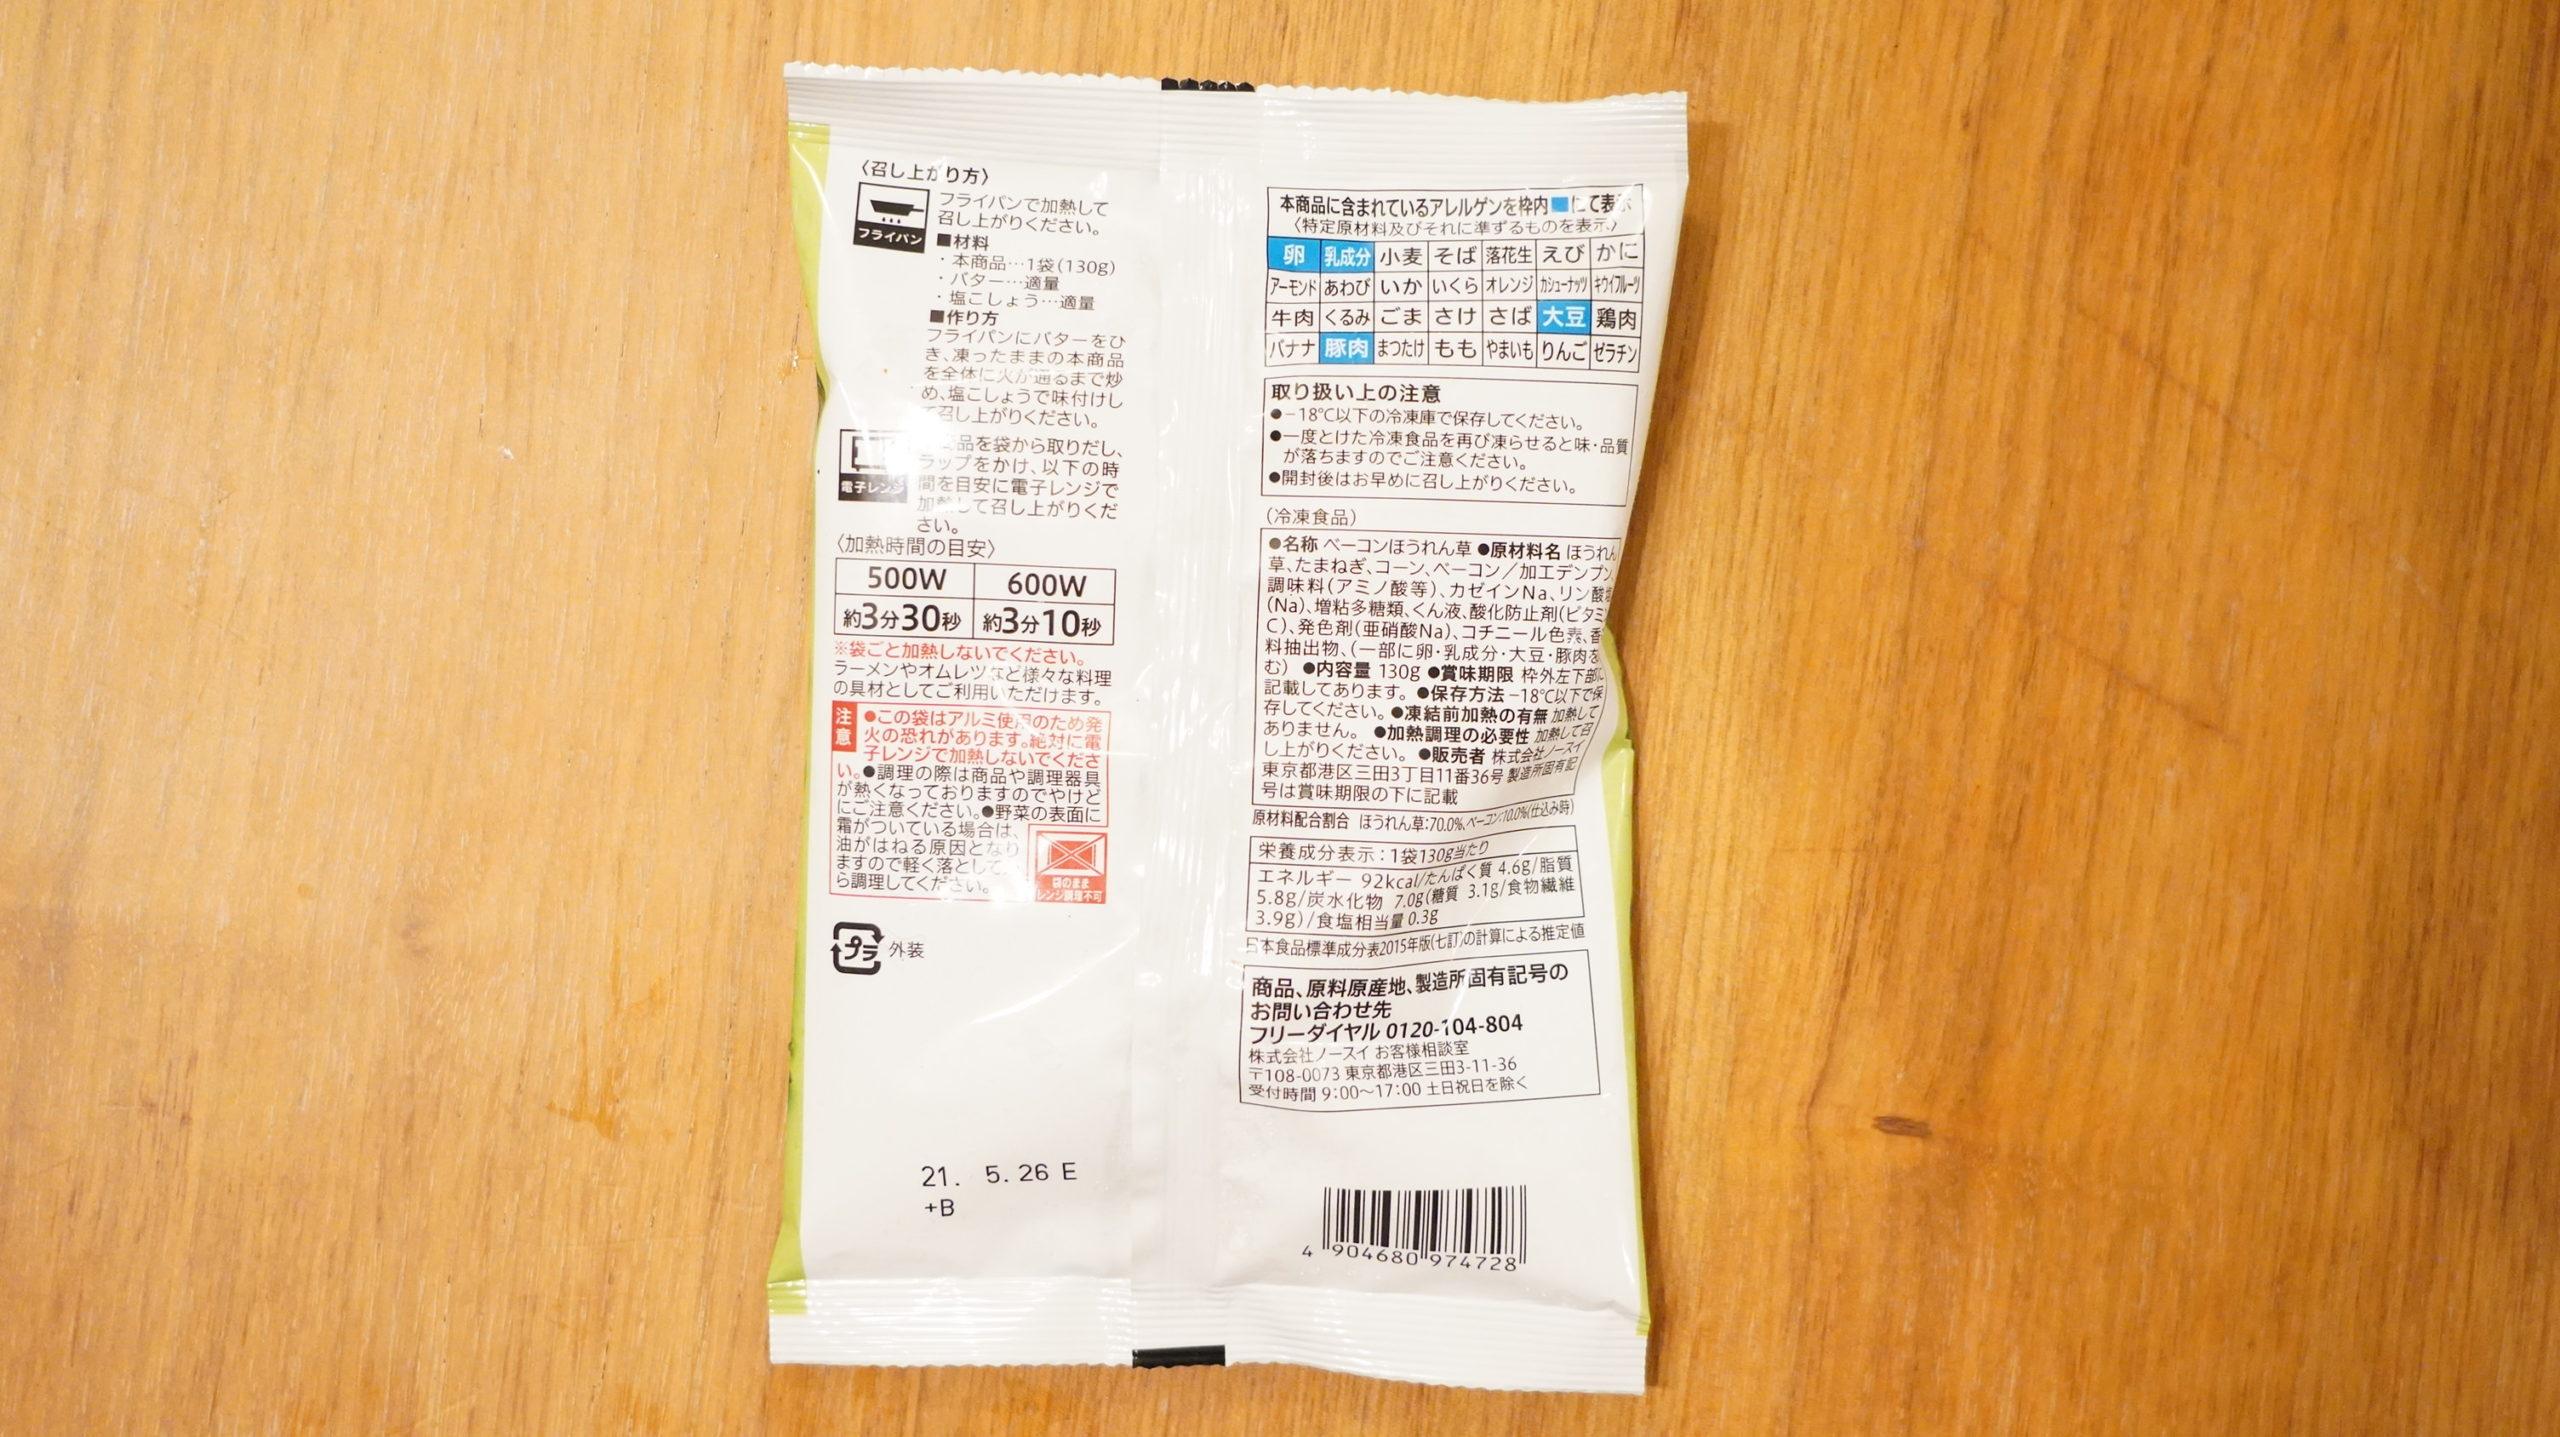 セブンイレブンの冷凍食品「ベーコンのうま味広がる・ベーコンほうれんそう」のパッケージ裏面の写真